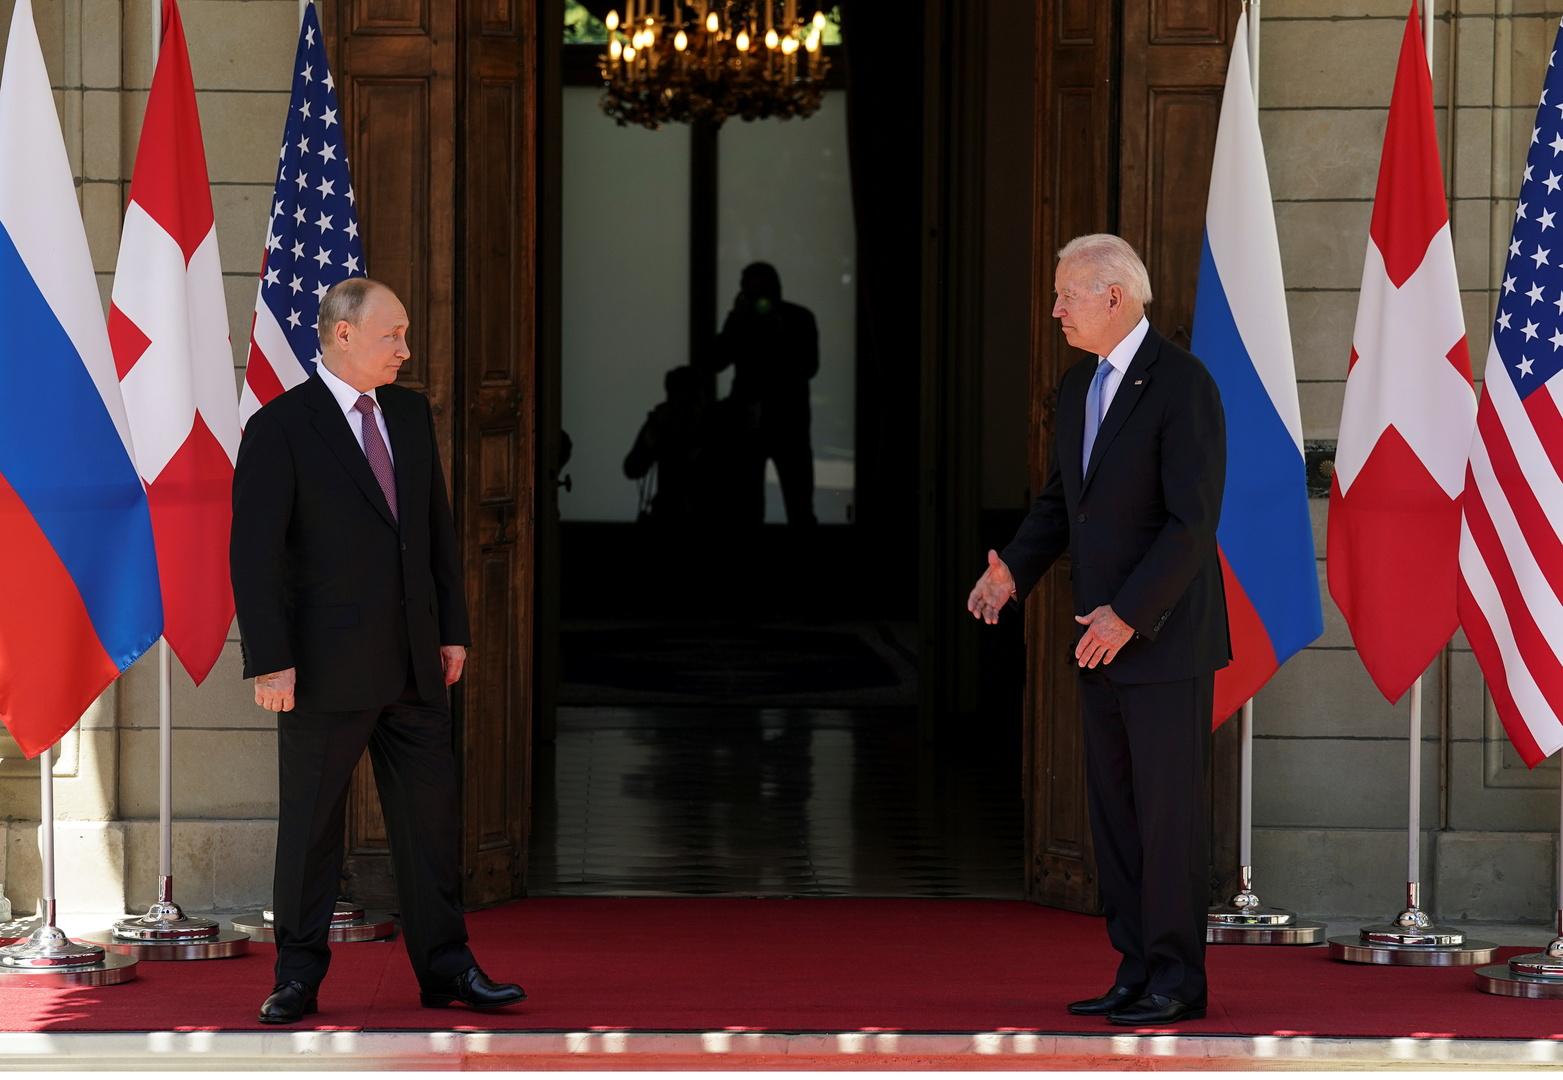 بوتين: مرحلة القطب الواحد انتهت والعالم يتغير بسرعة